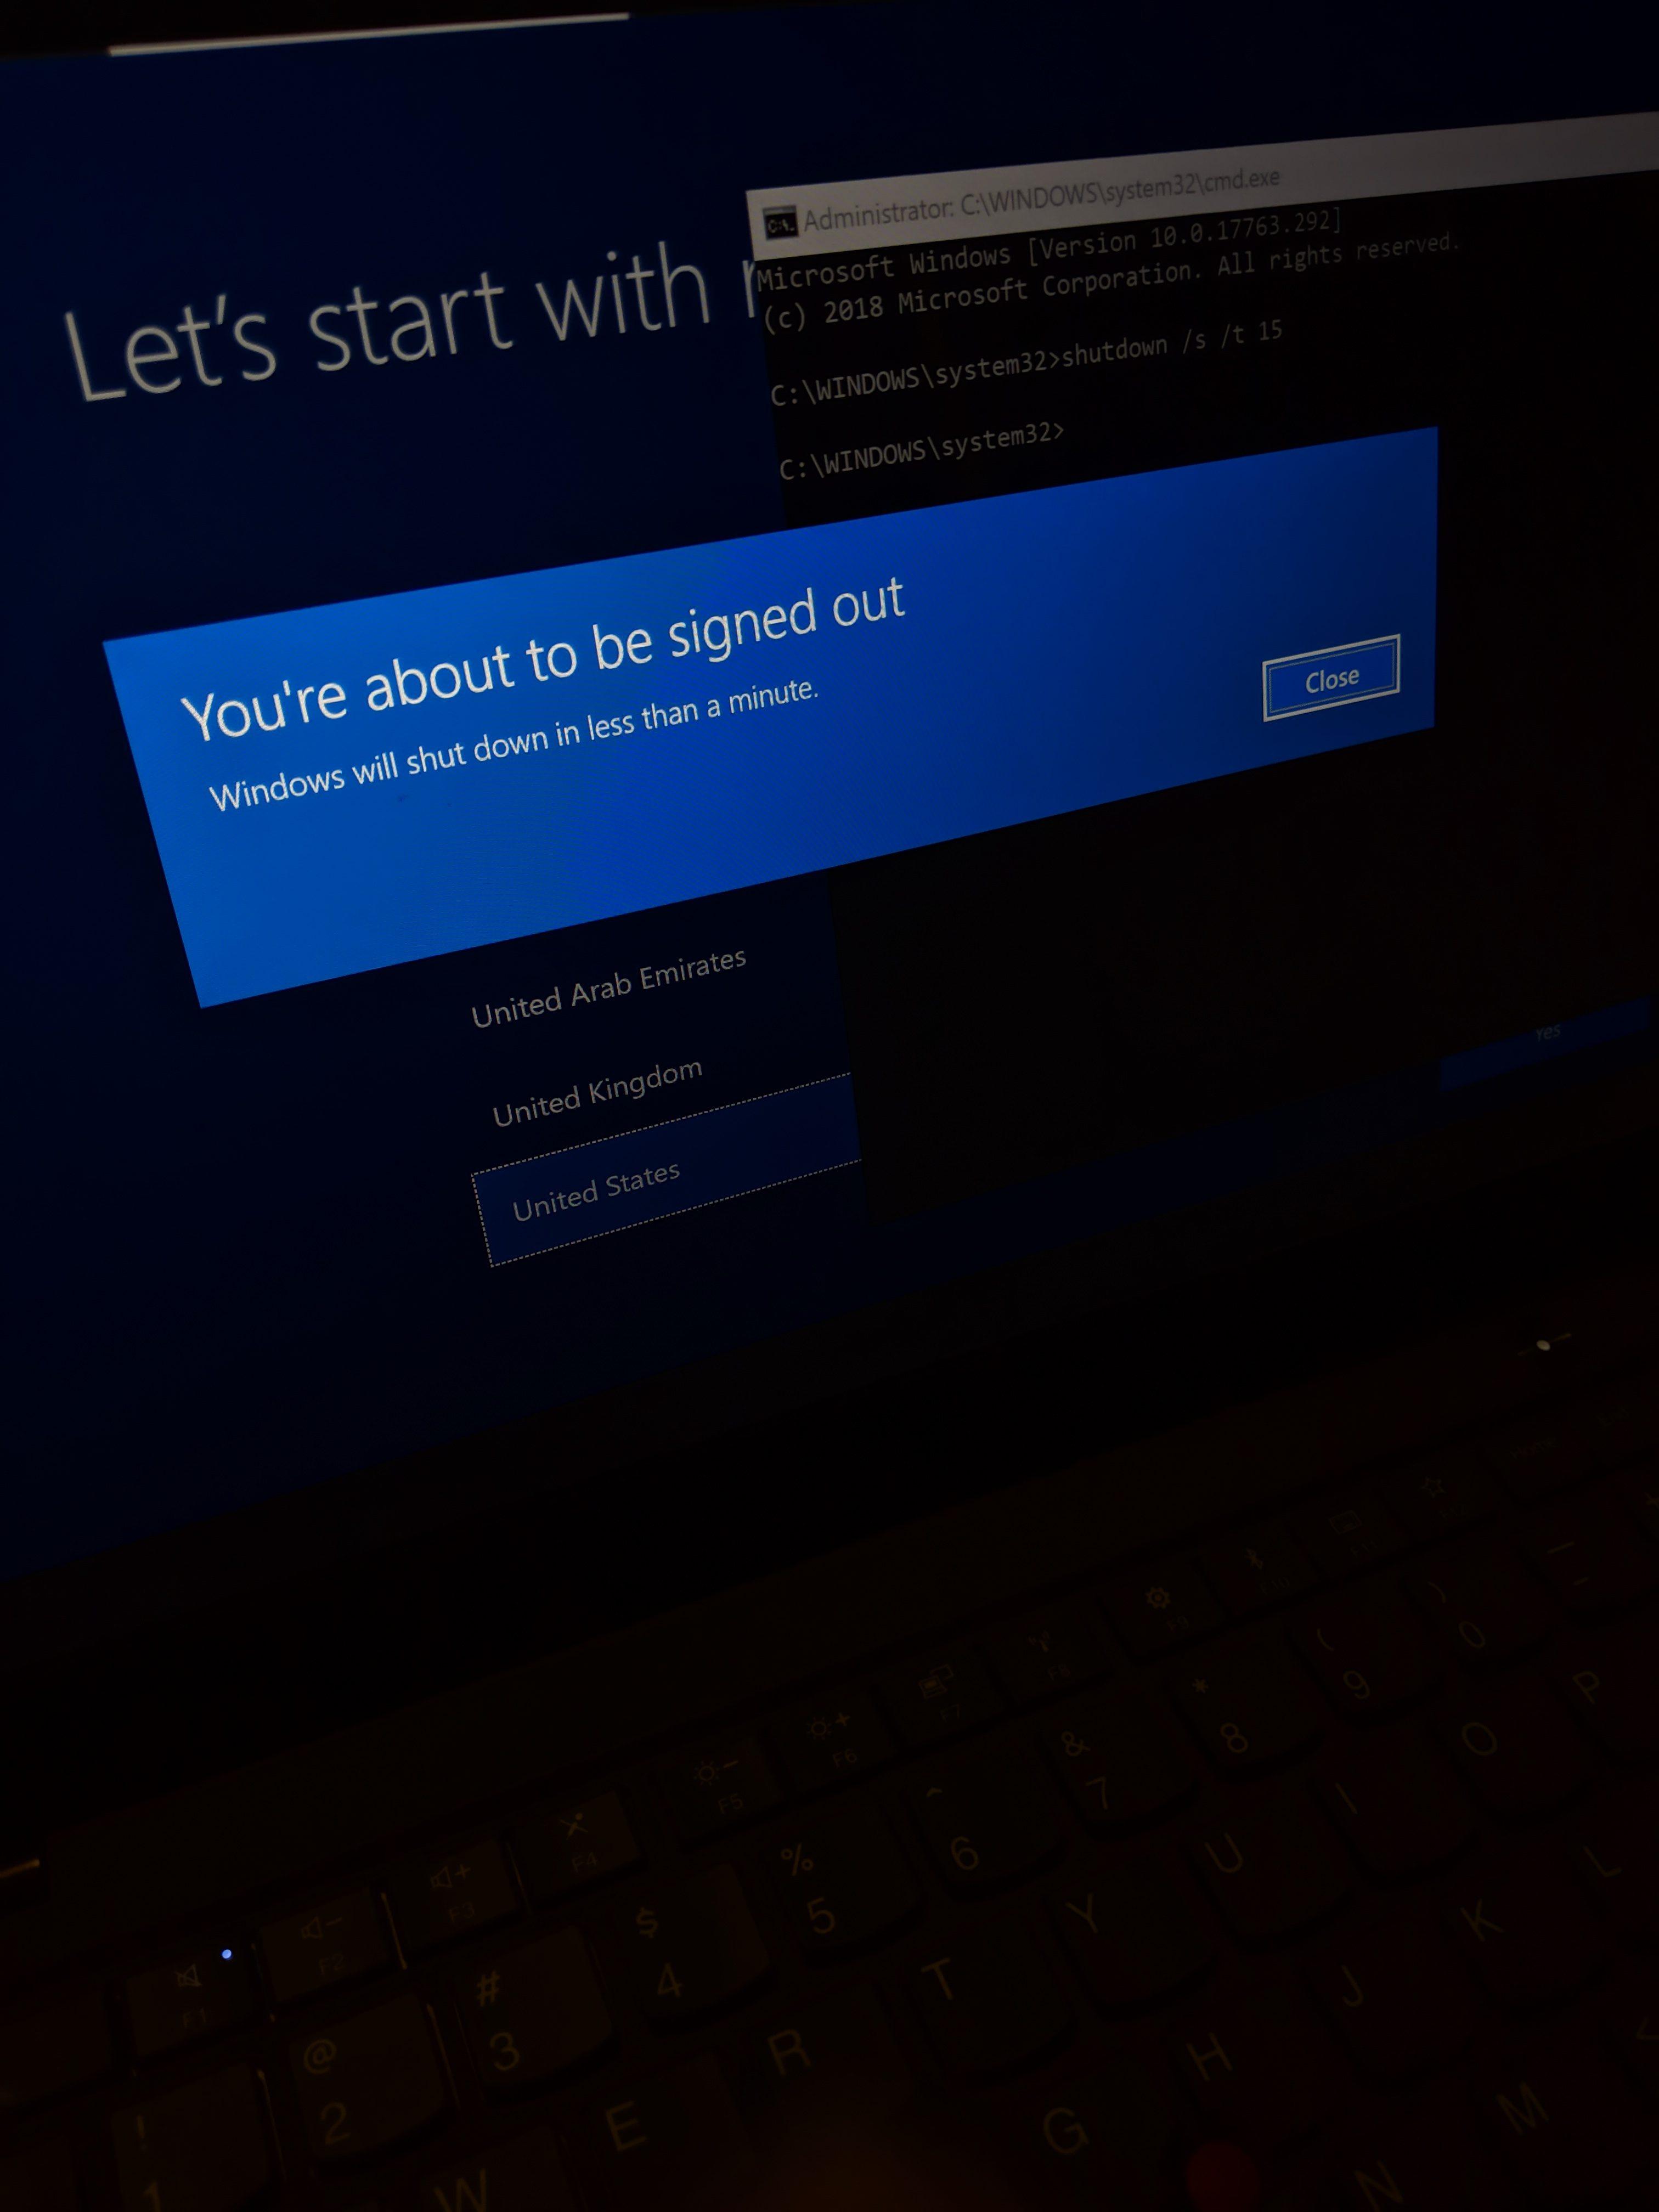 How to shutdown laptop during windows 10 initial setup (Set